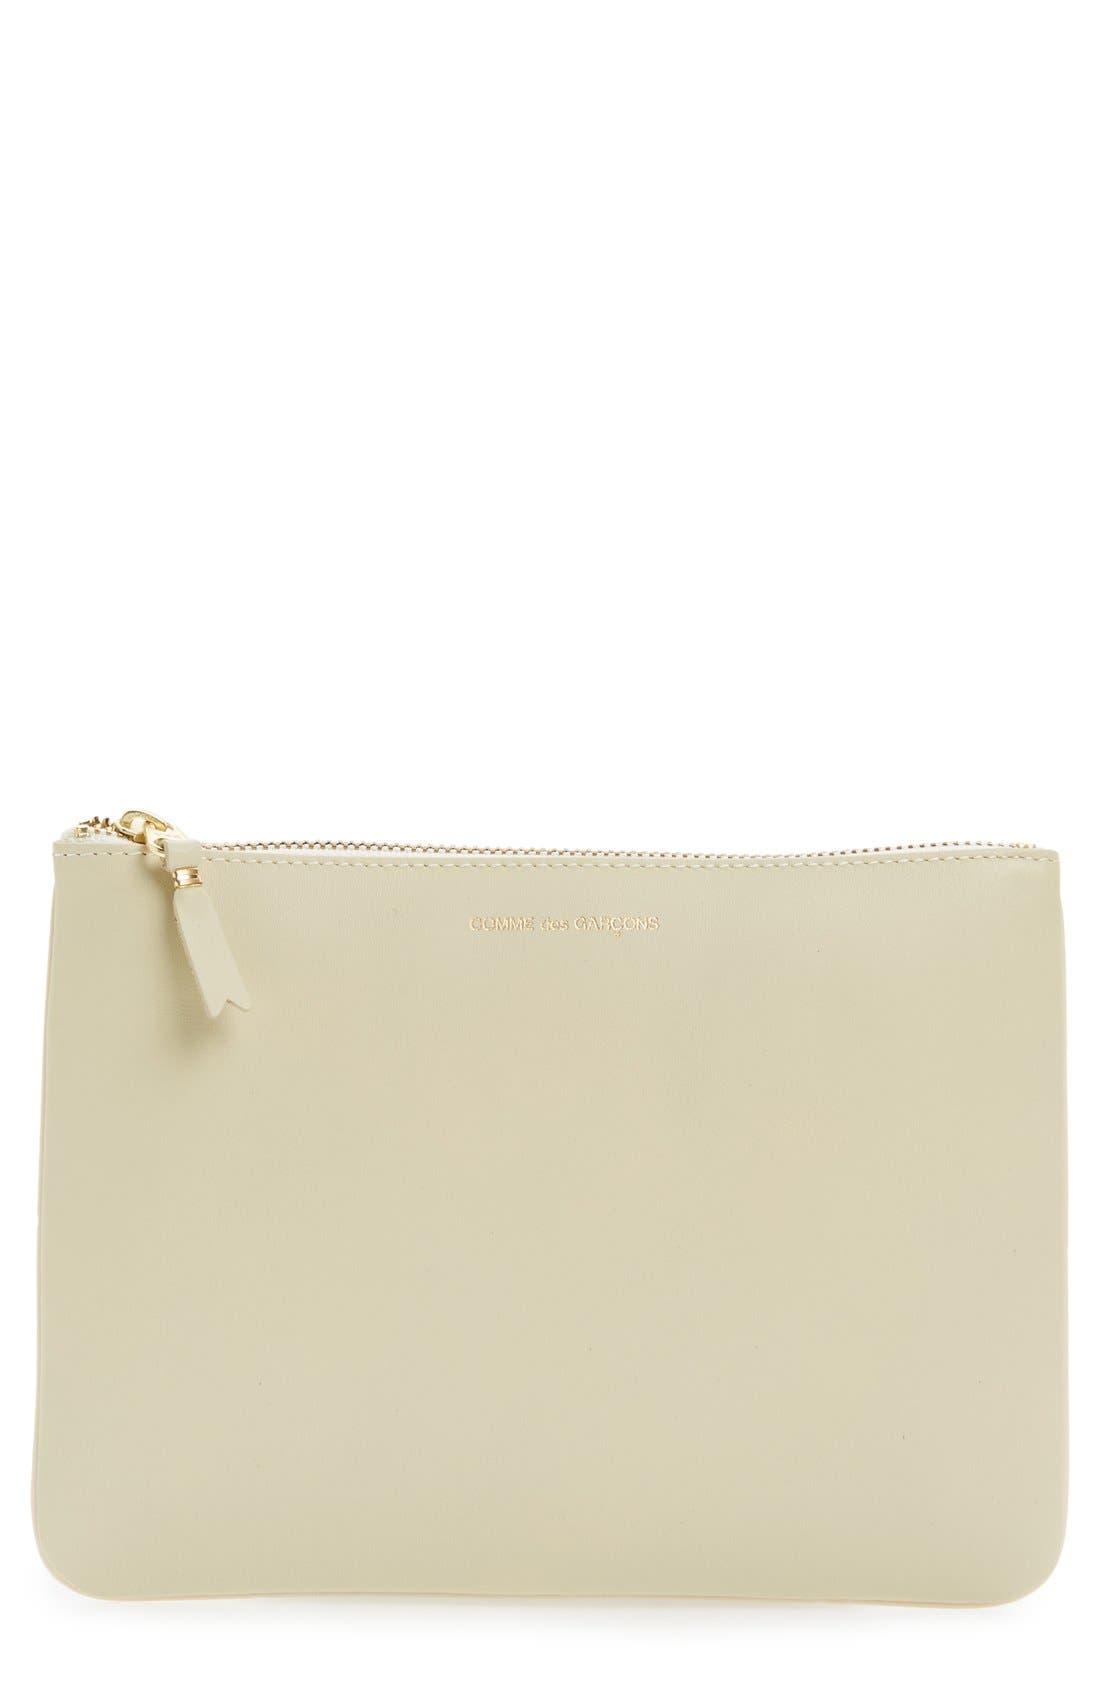 Main Image - Comme des Garçons Medium Classic Leather Zip-Up Pouch